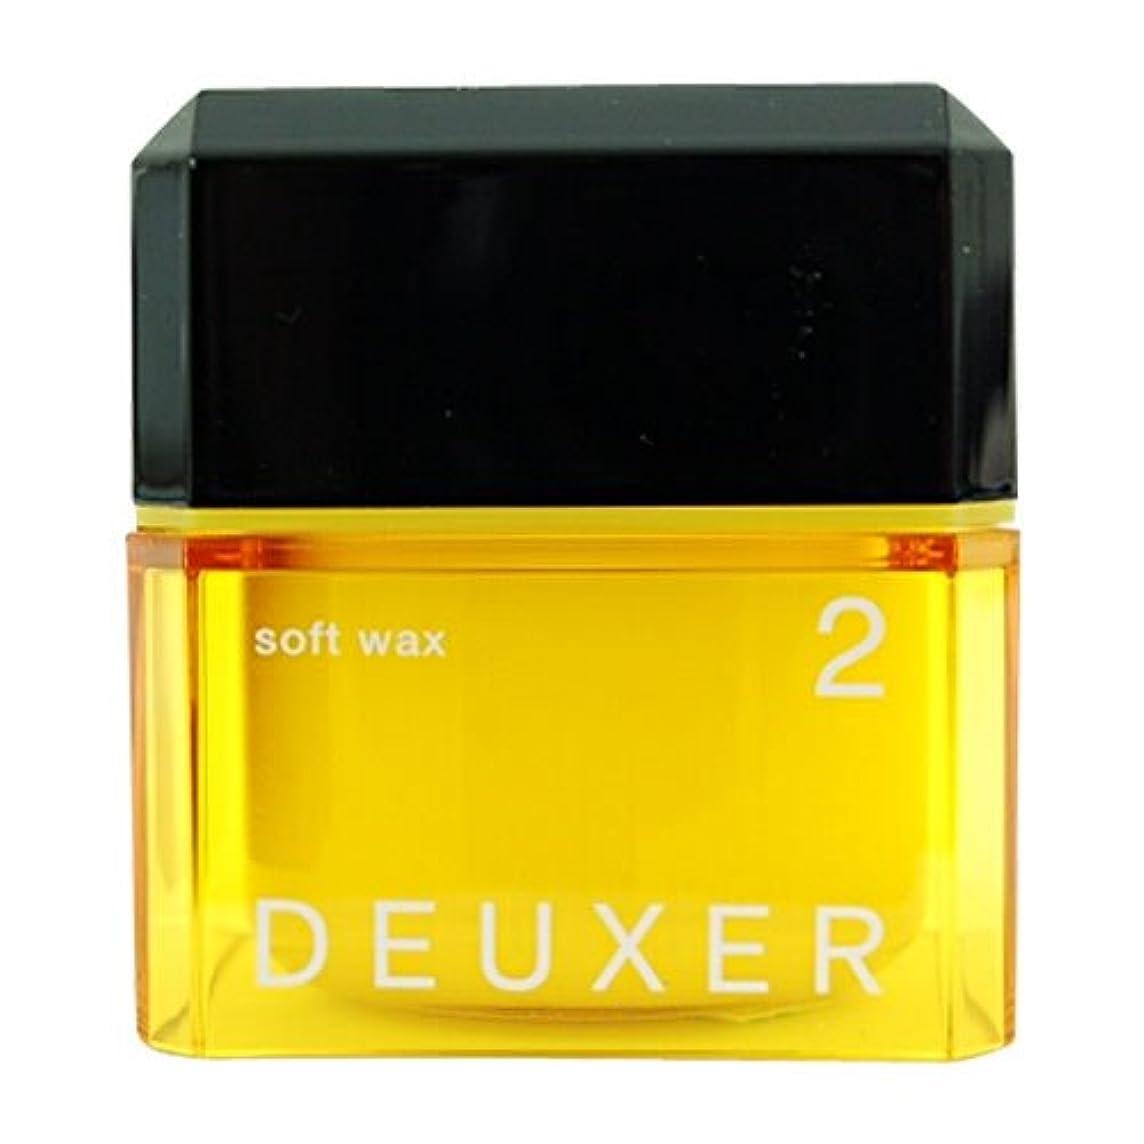 無条件ピック地理ナンバースリー DEUXER(デューサー) ソフトワックス 2 80g